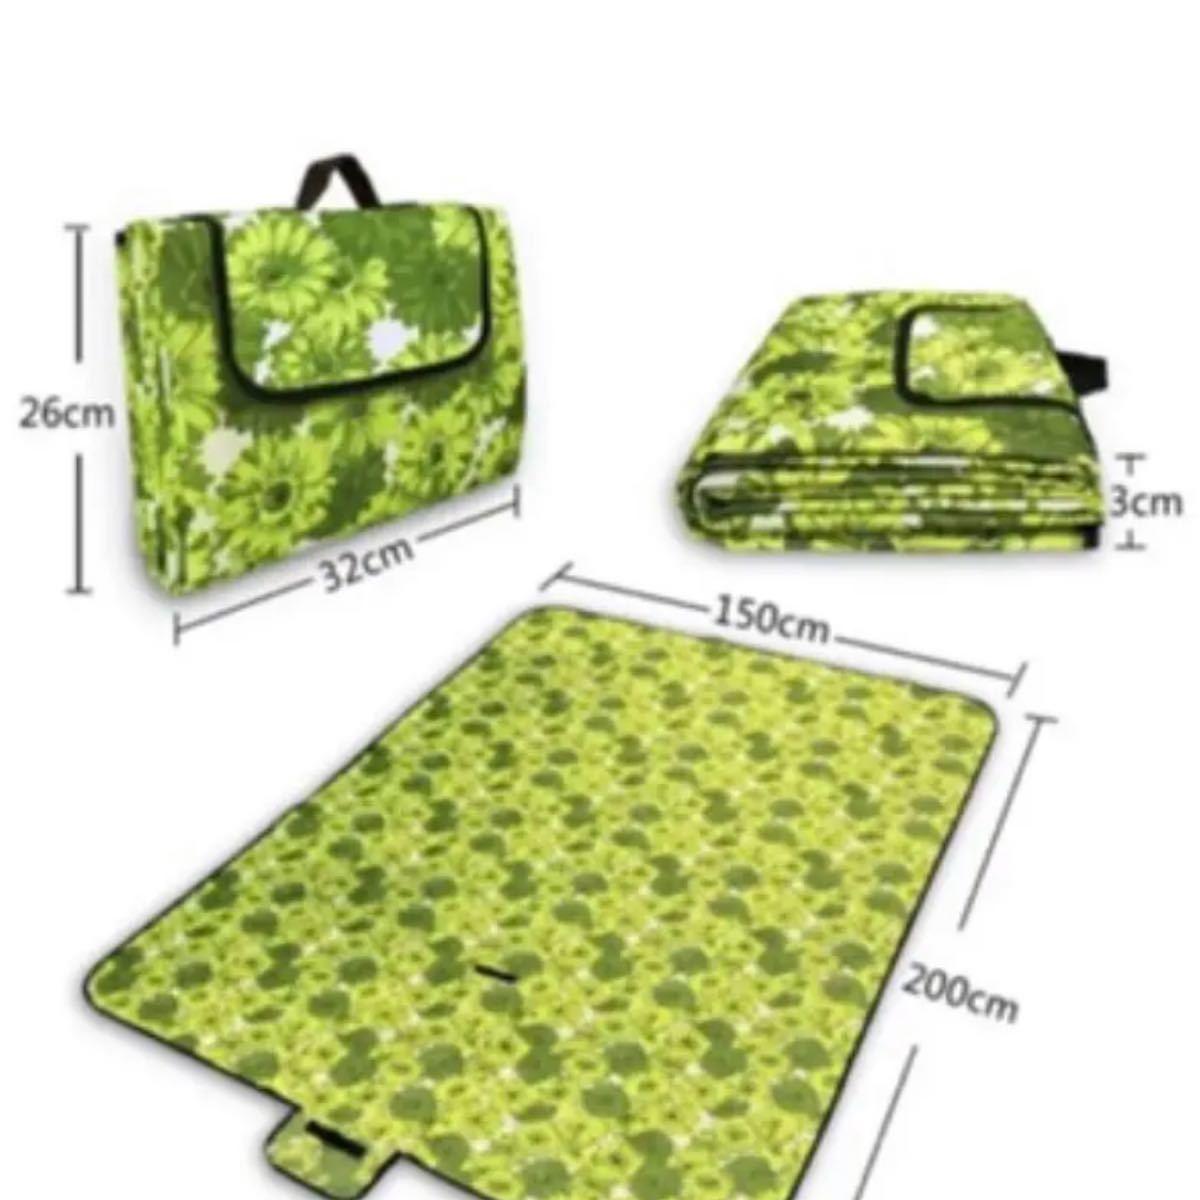 レジャーシート厚手 ピクニックマット200*150cm 2-6人用 1200Dオックスフォード素材 ござ 防水四季が通用